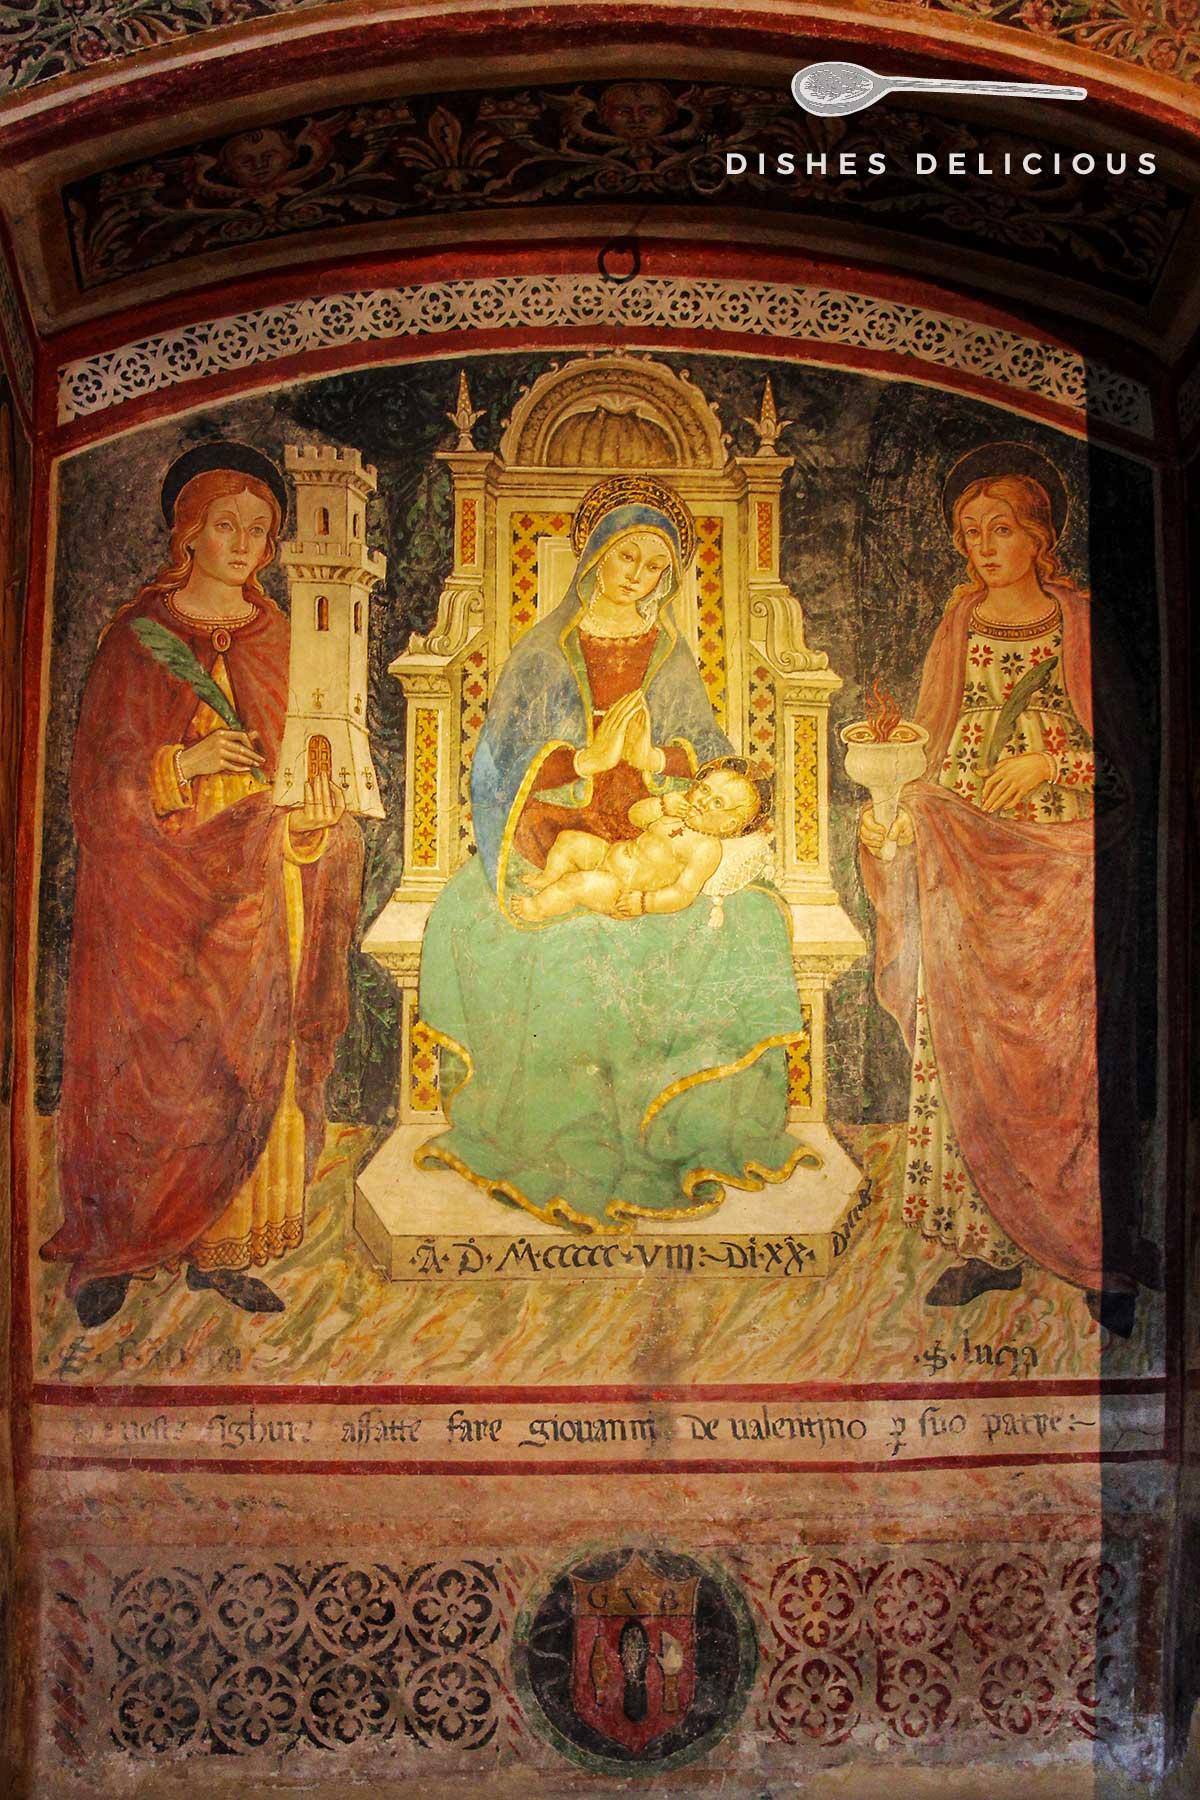 Foto eines Fresko, das die Maria mit Jesuskind zwischen zwei Heiligen auf einem Thron sitzend zeigt.